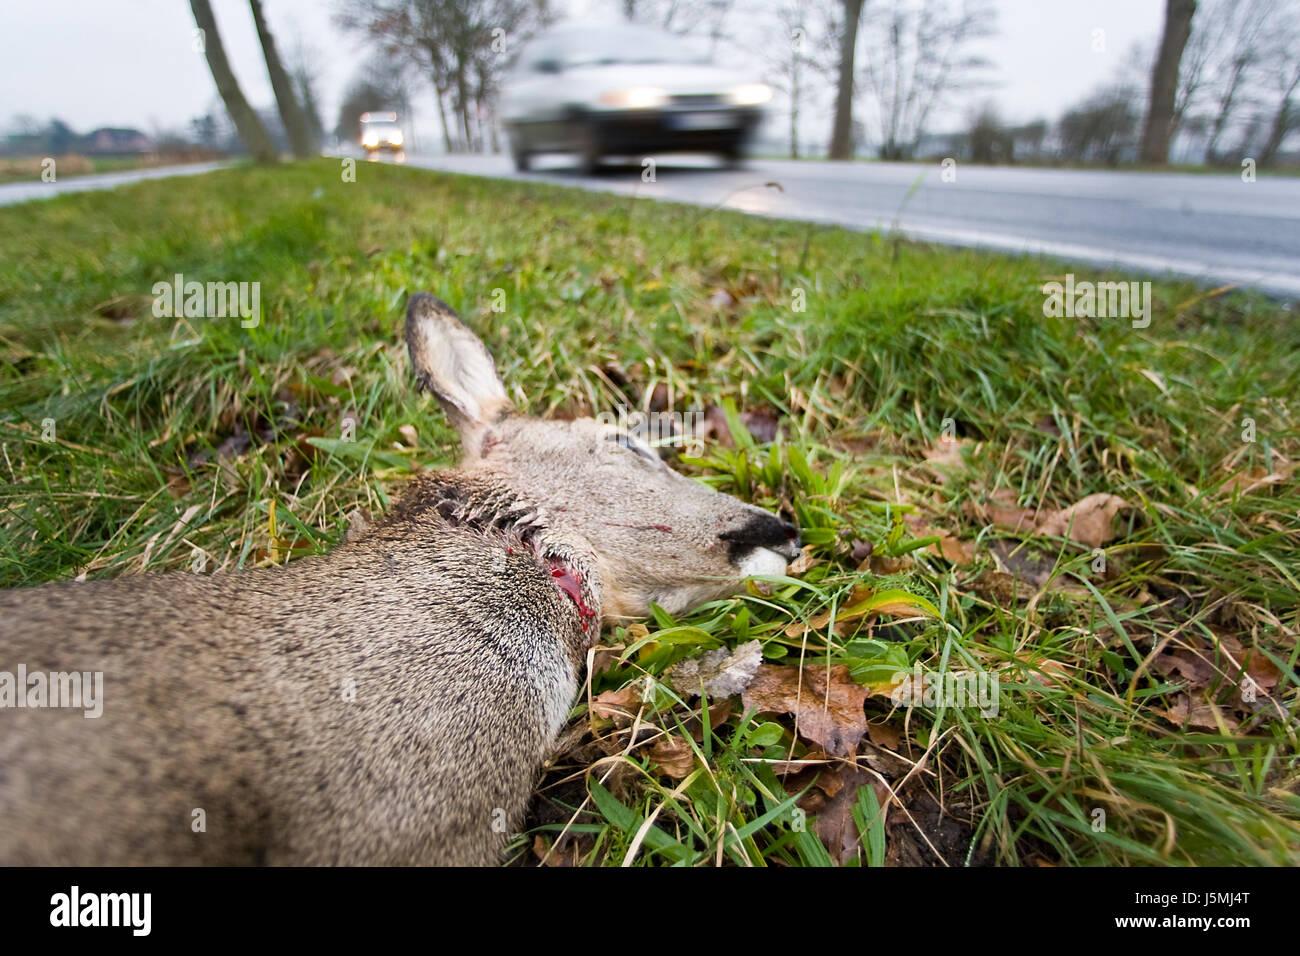 Pericolo automobile automobile mezzi di viaggio incidente automobilistico il traffico Foto Stock